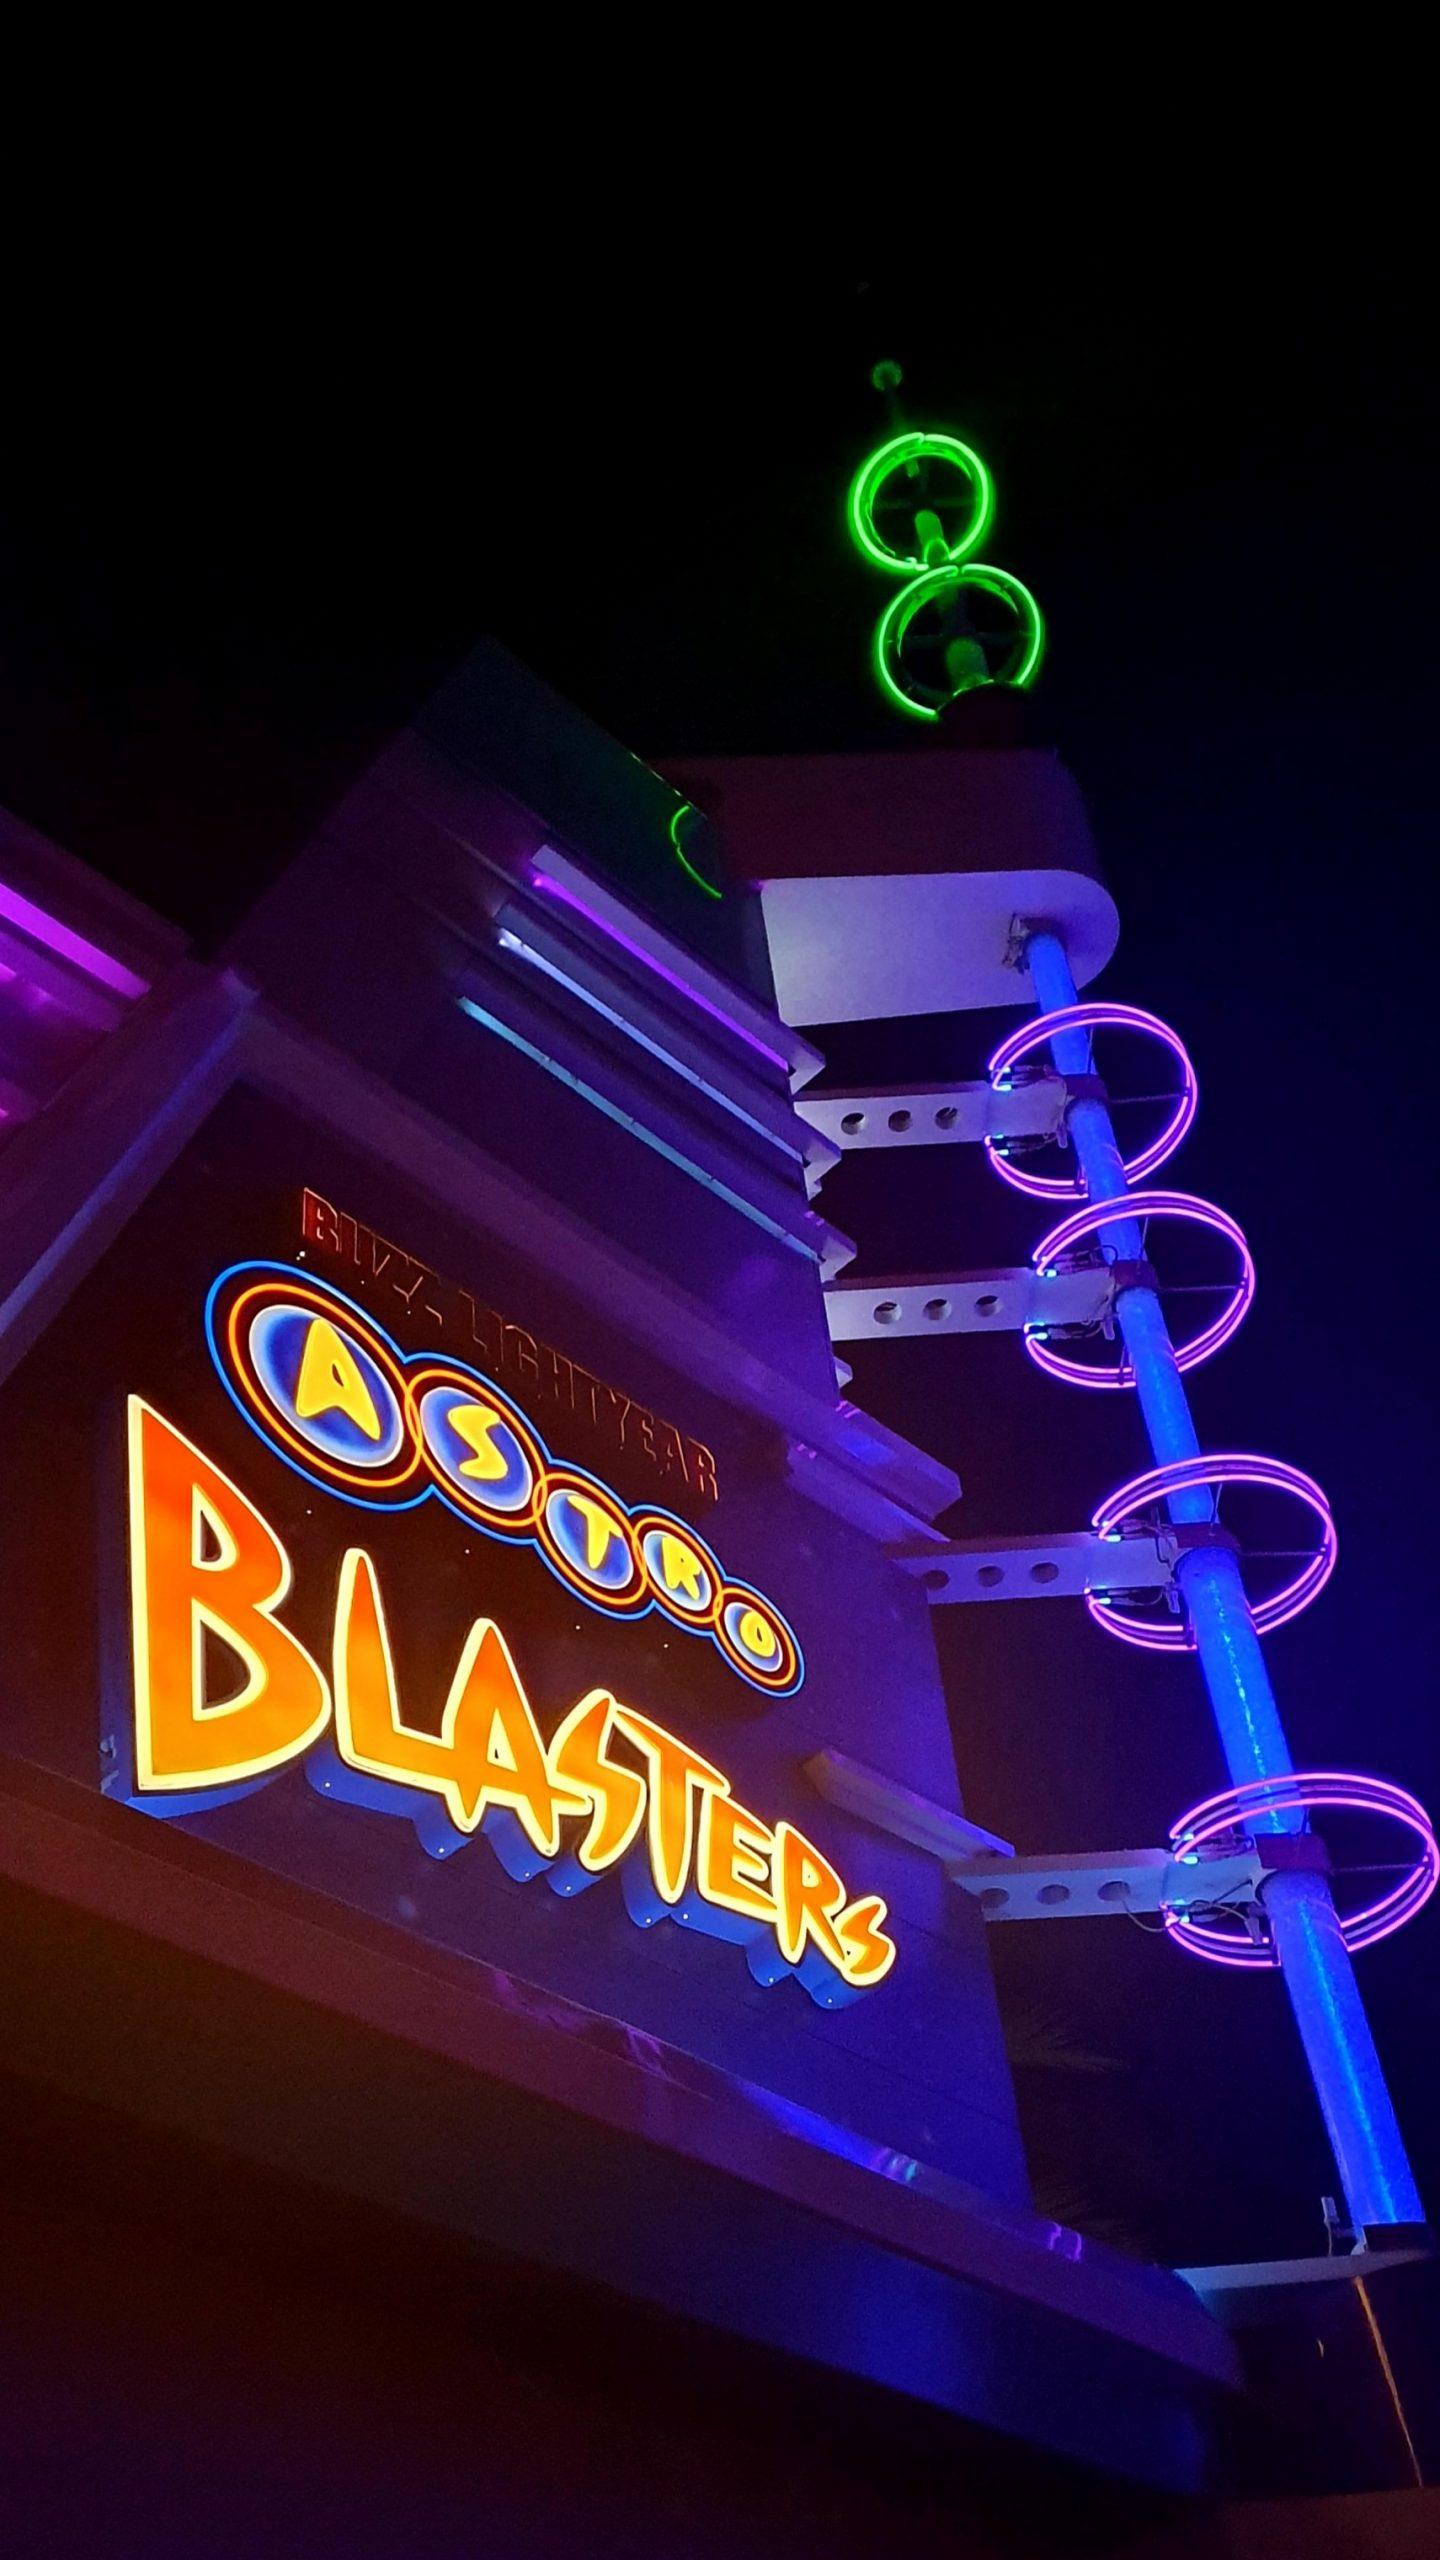 Disneyland Tomorrowland Buzz Lightyear Astro Blasters